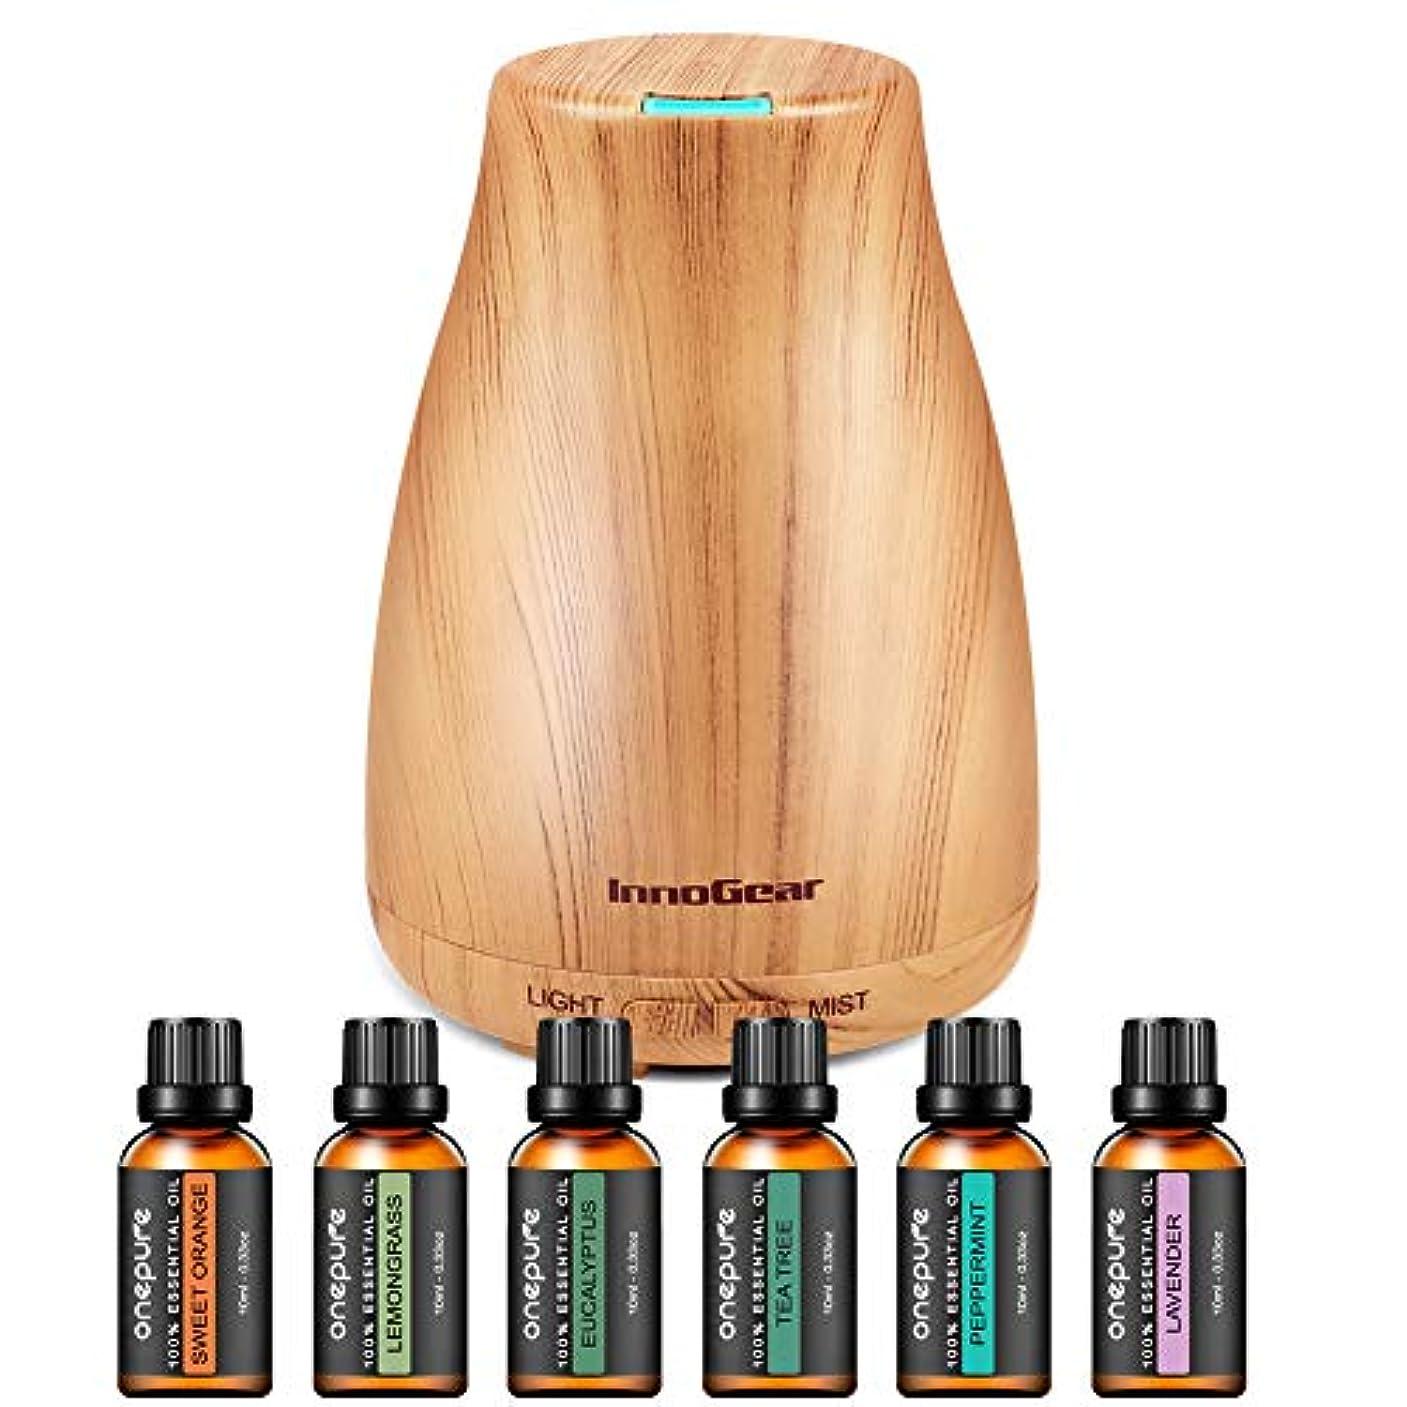 ピューフォルダ正当なinnoGear 6本 ボトル100%純粋なエッセンシャルオイルと150ミリリットルアロマディフューザー アップグレードし 7色 ギフトセット 香りクールミスト加湿器 家庭用 変更ライト 導きました イエロー